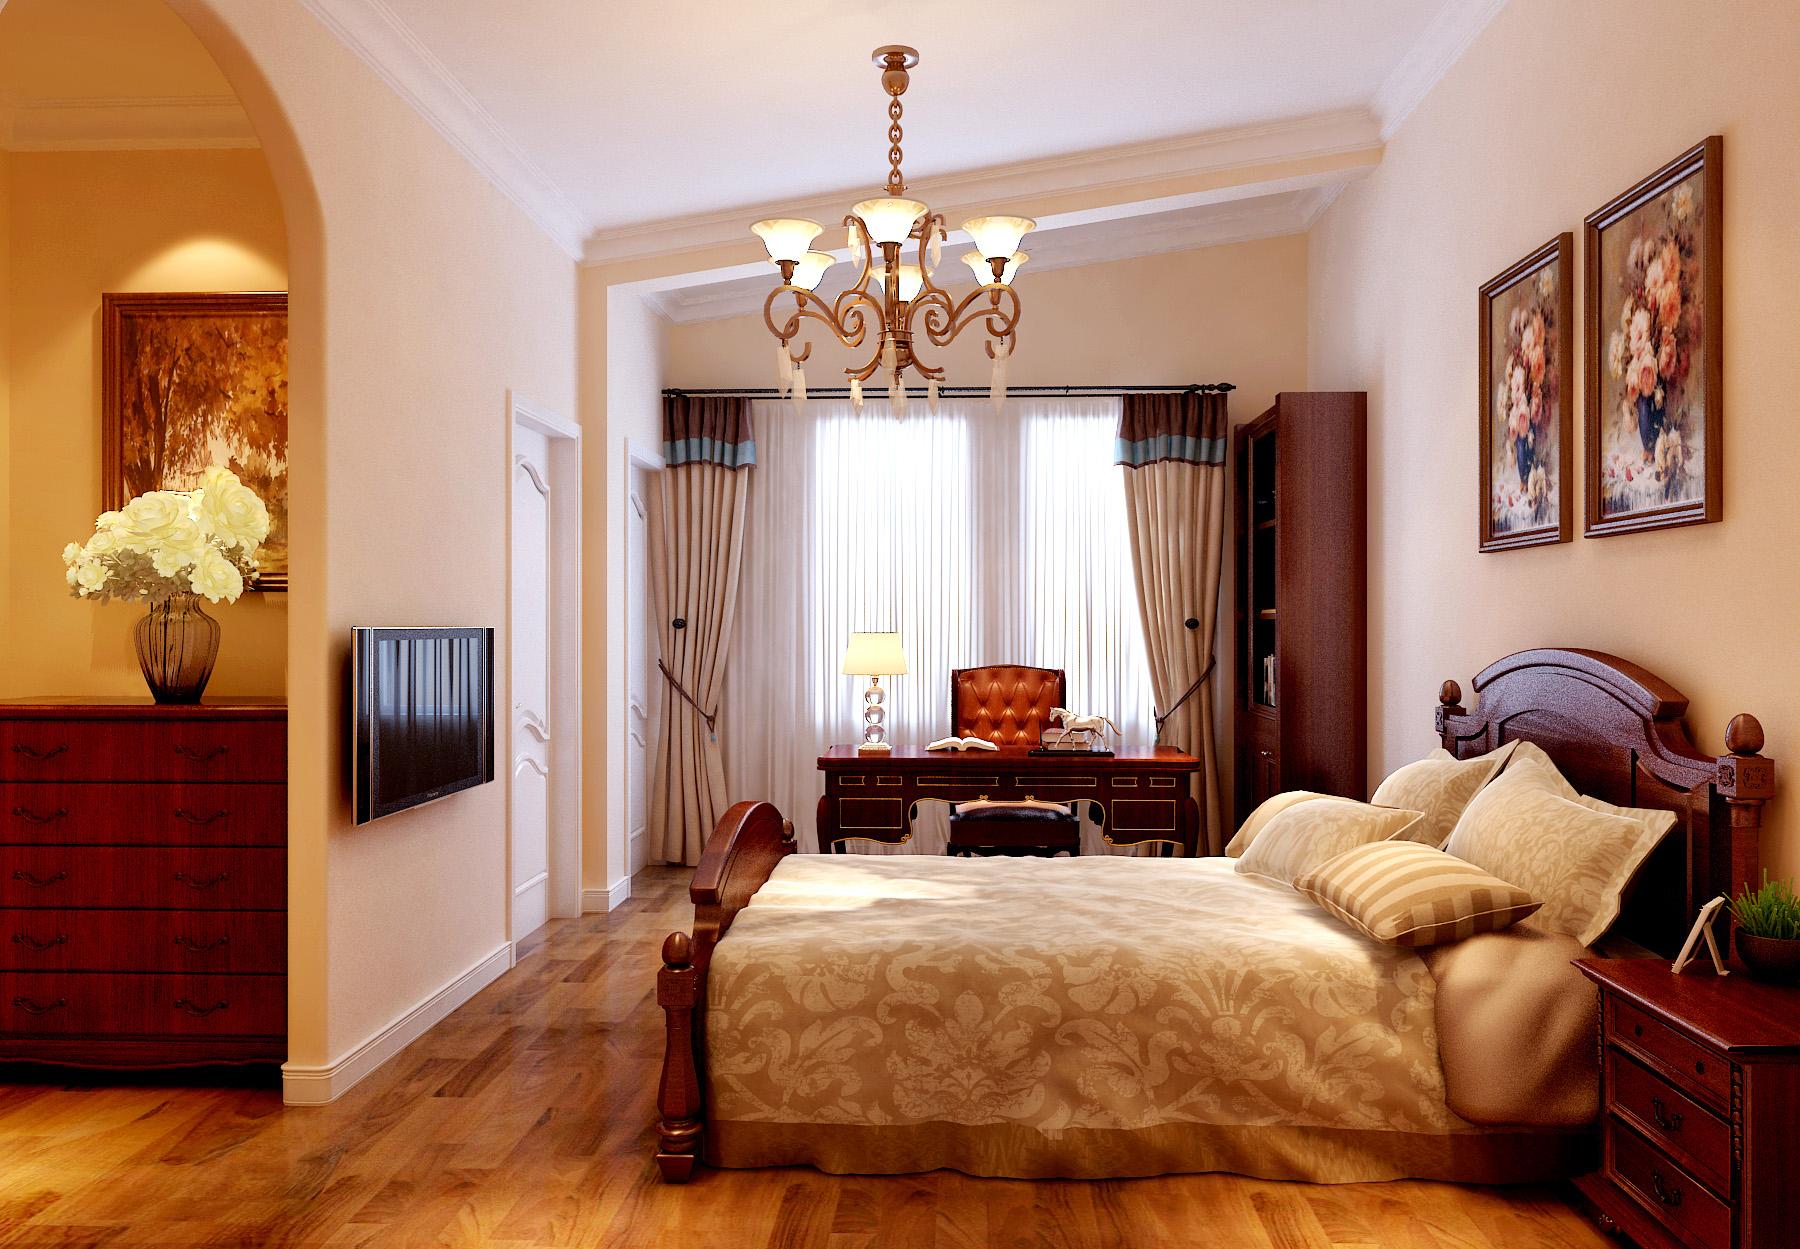 欧式 别墅 卧室图片来自北京今朝装饰刘在首创国际半岛欧式装饰设计的分享